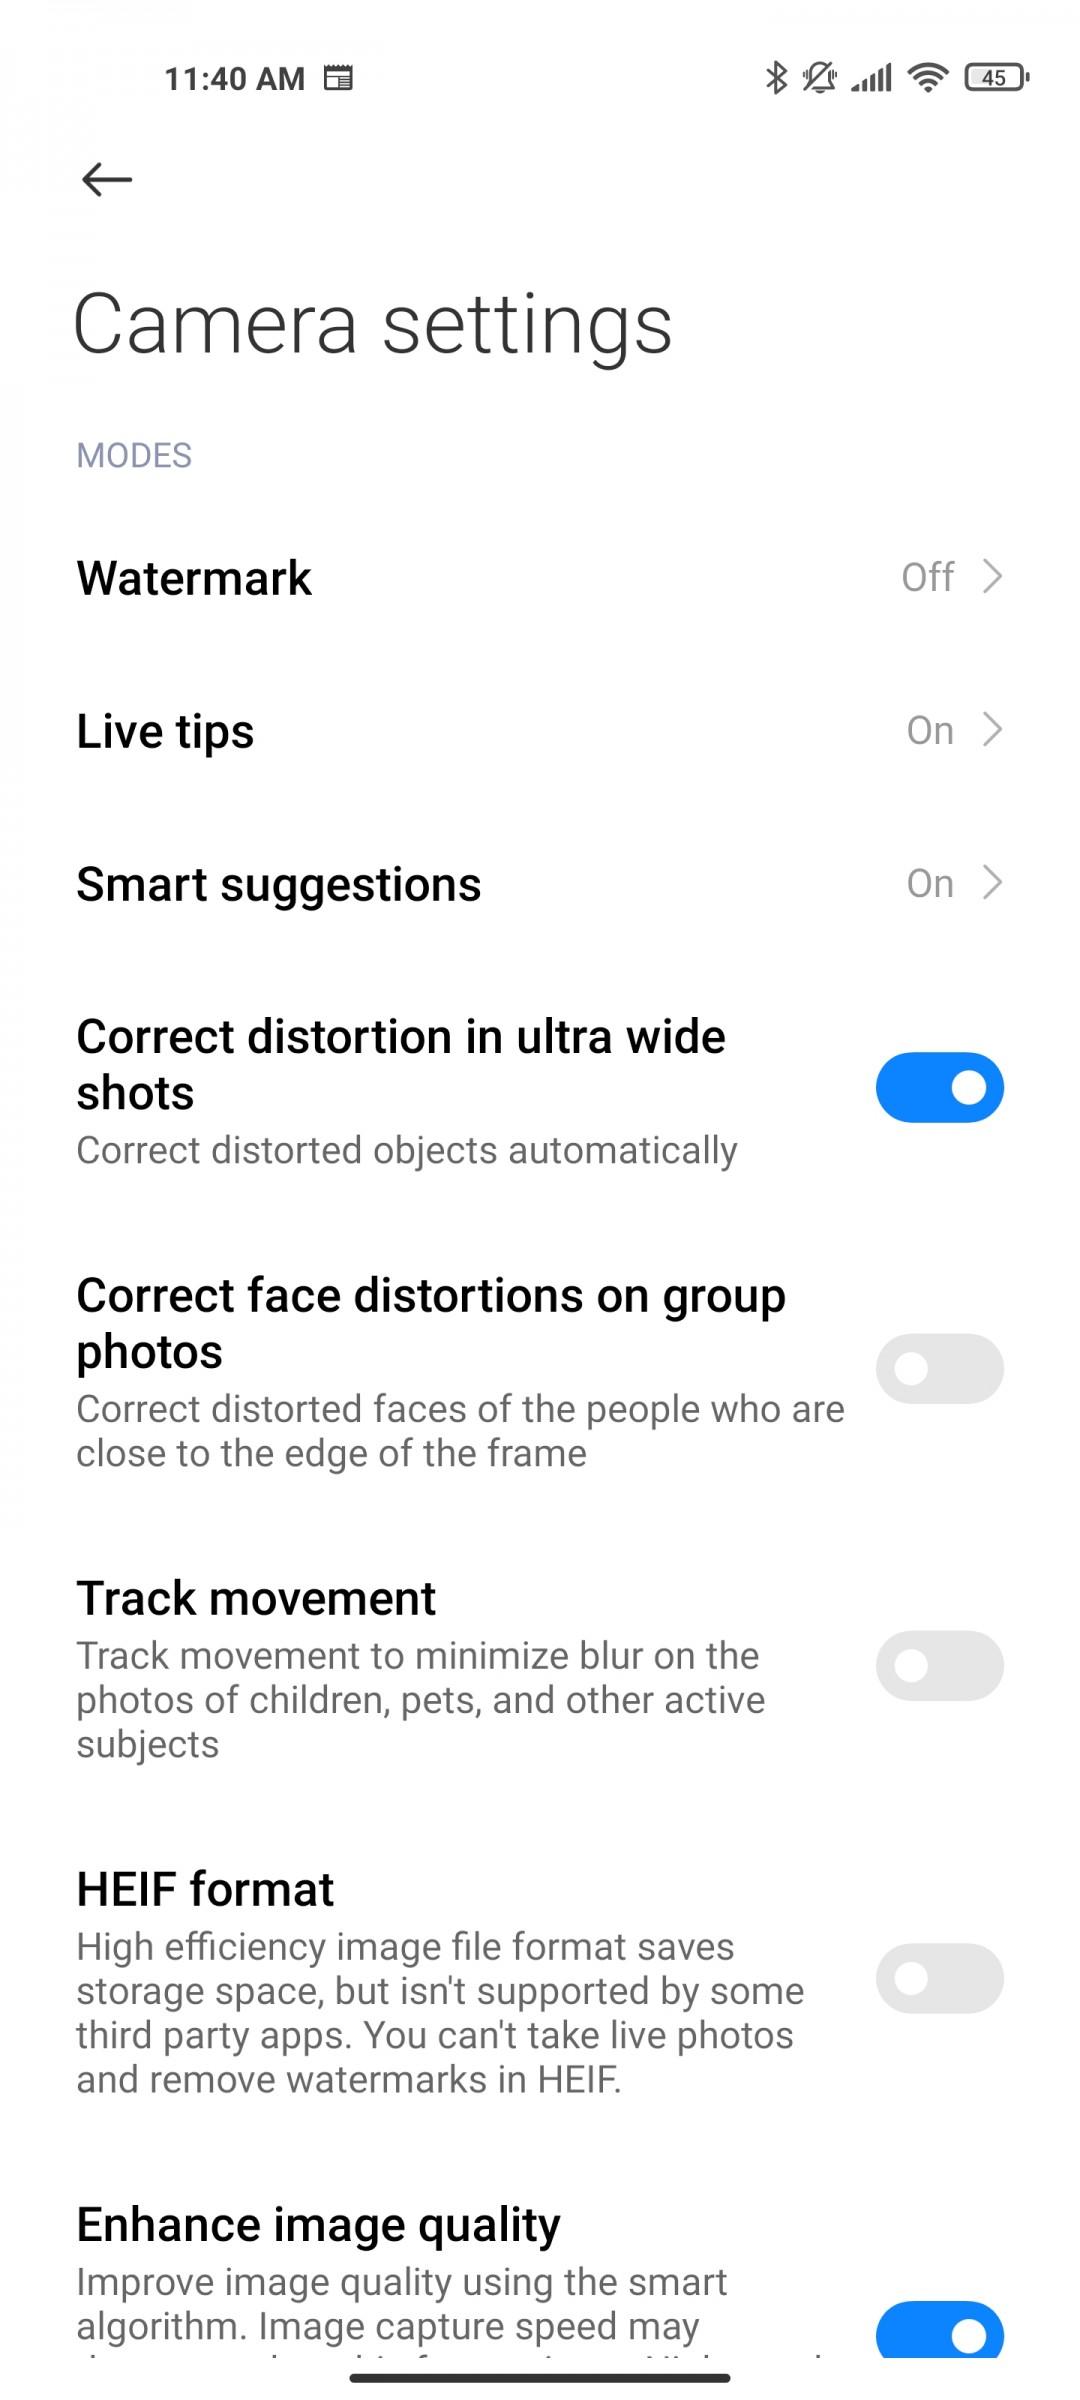 بررسی کامل و تخصصی گوشی می 11 اولترا شیائومی 105